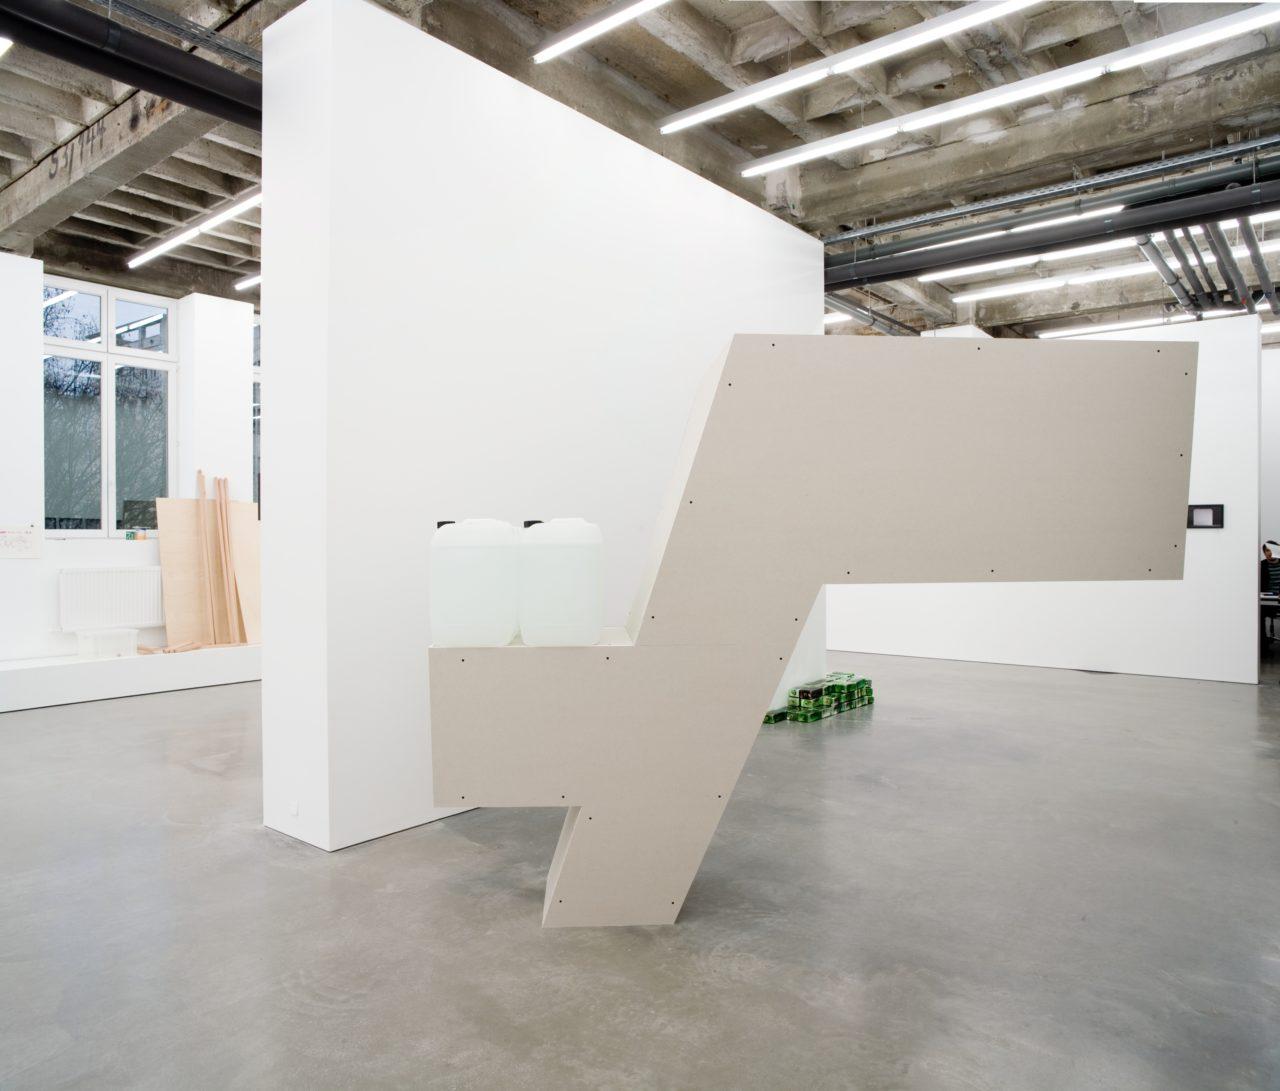 It's about sculpture, Installationsansicht